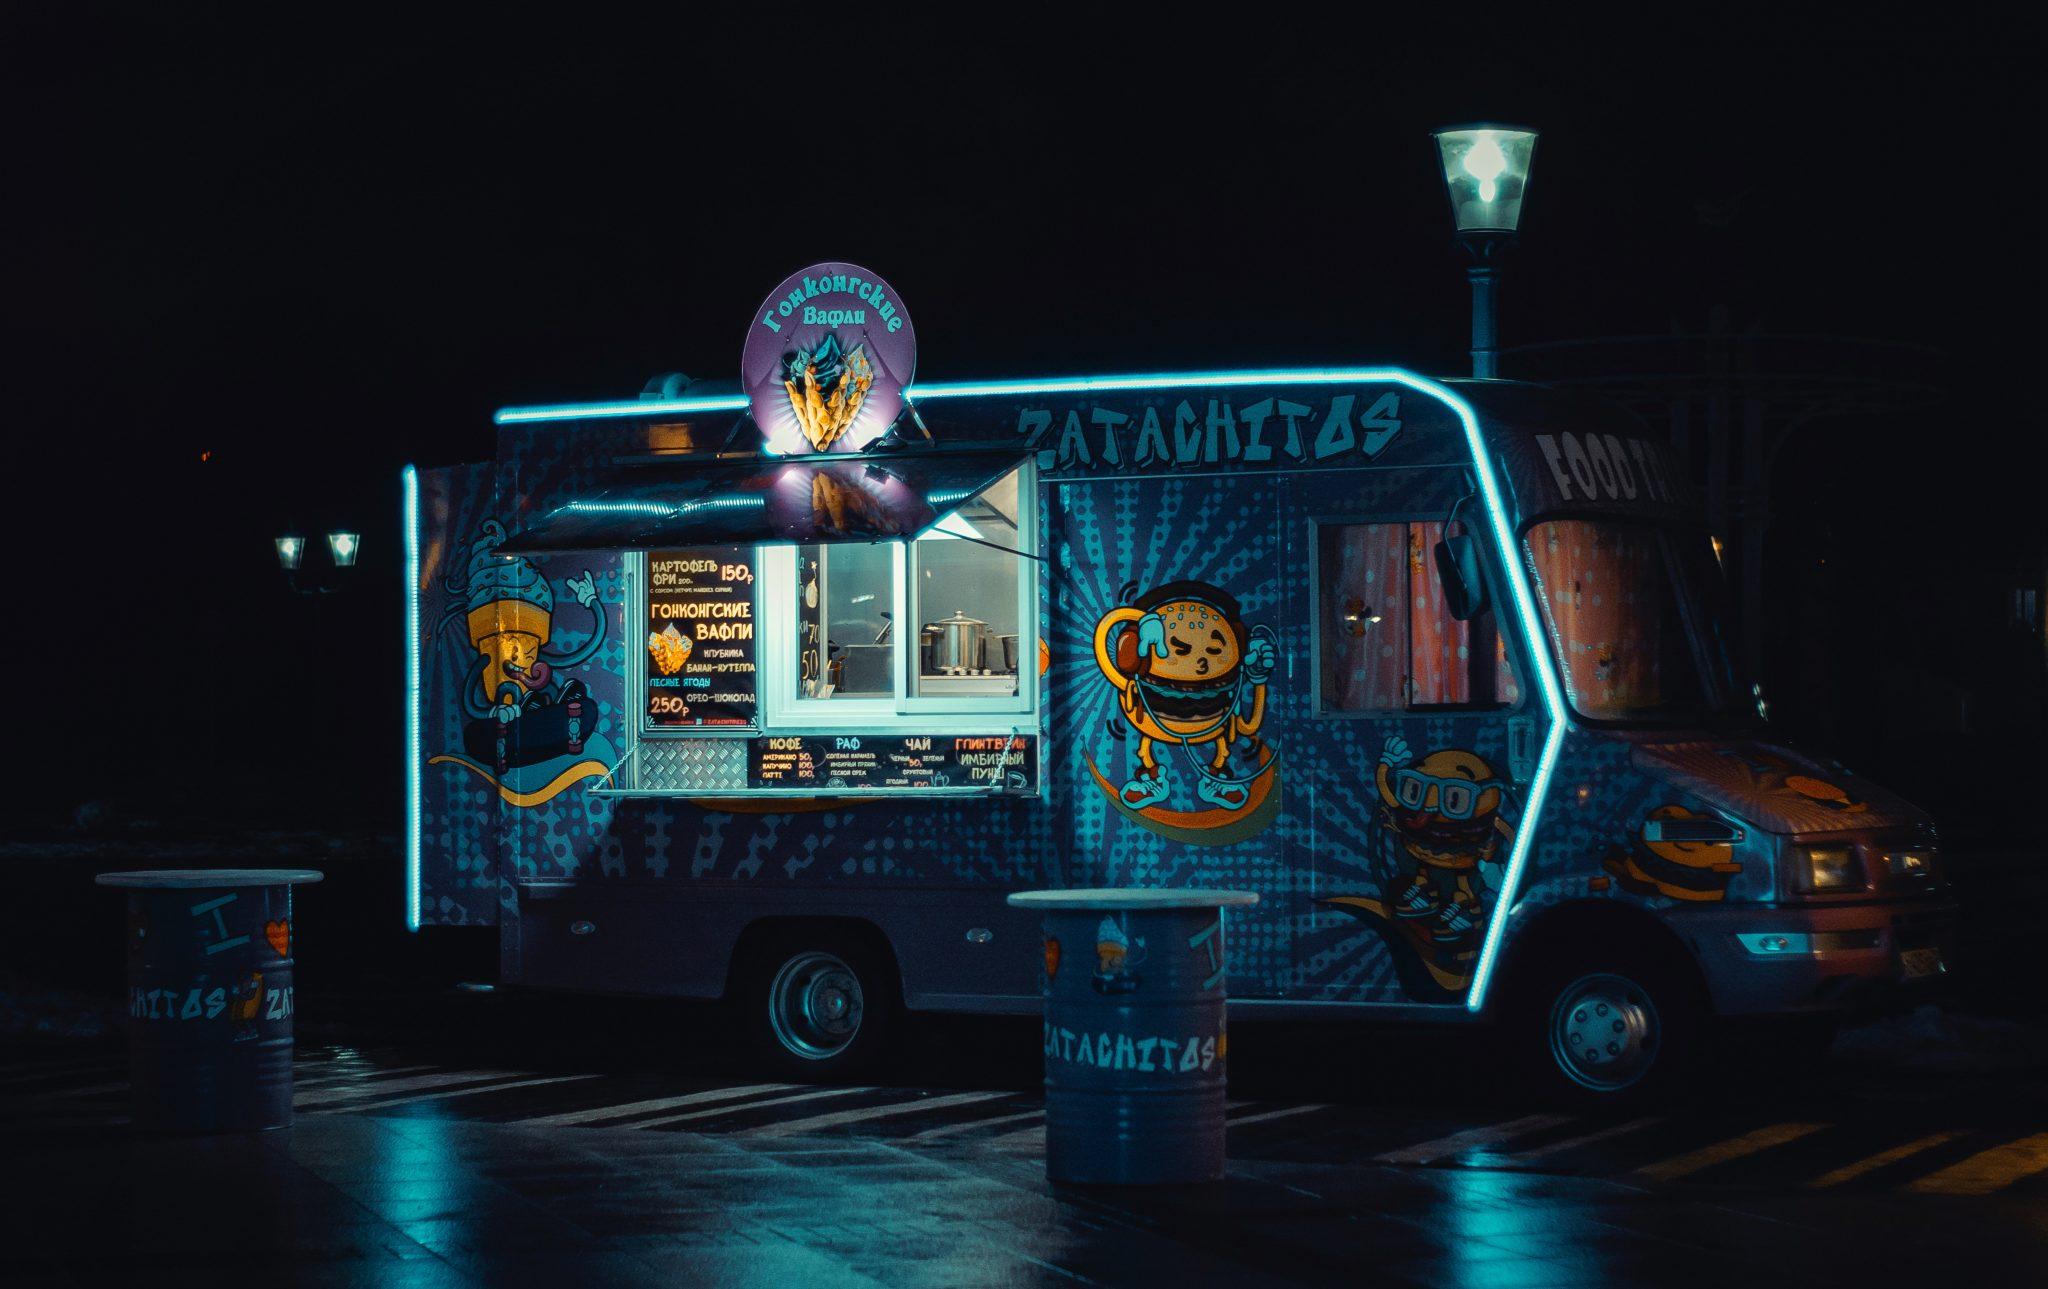 Oprogramowanie dla Food truck